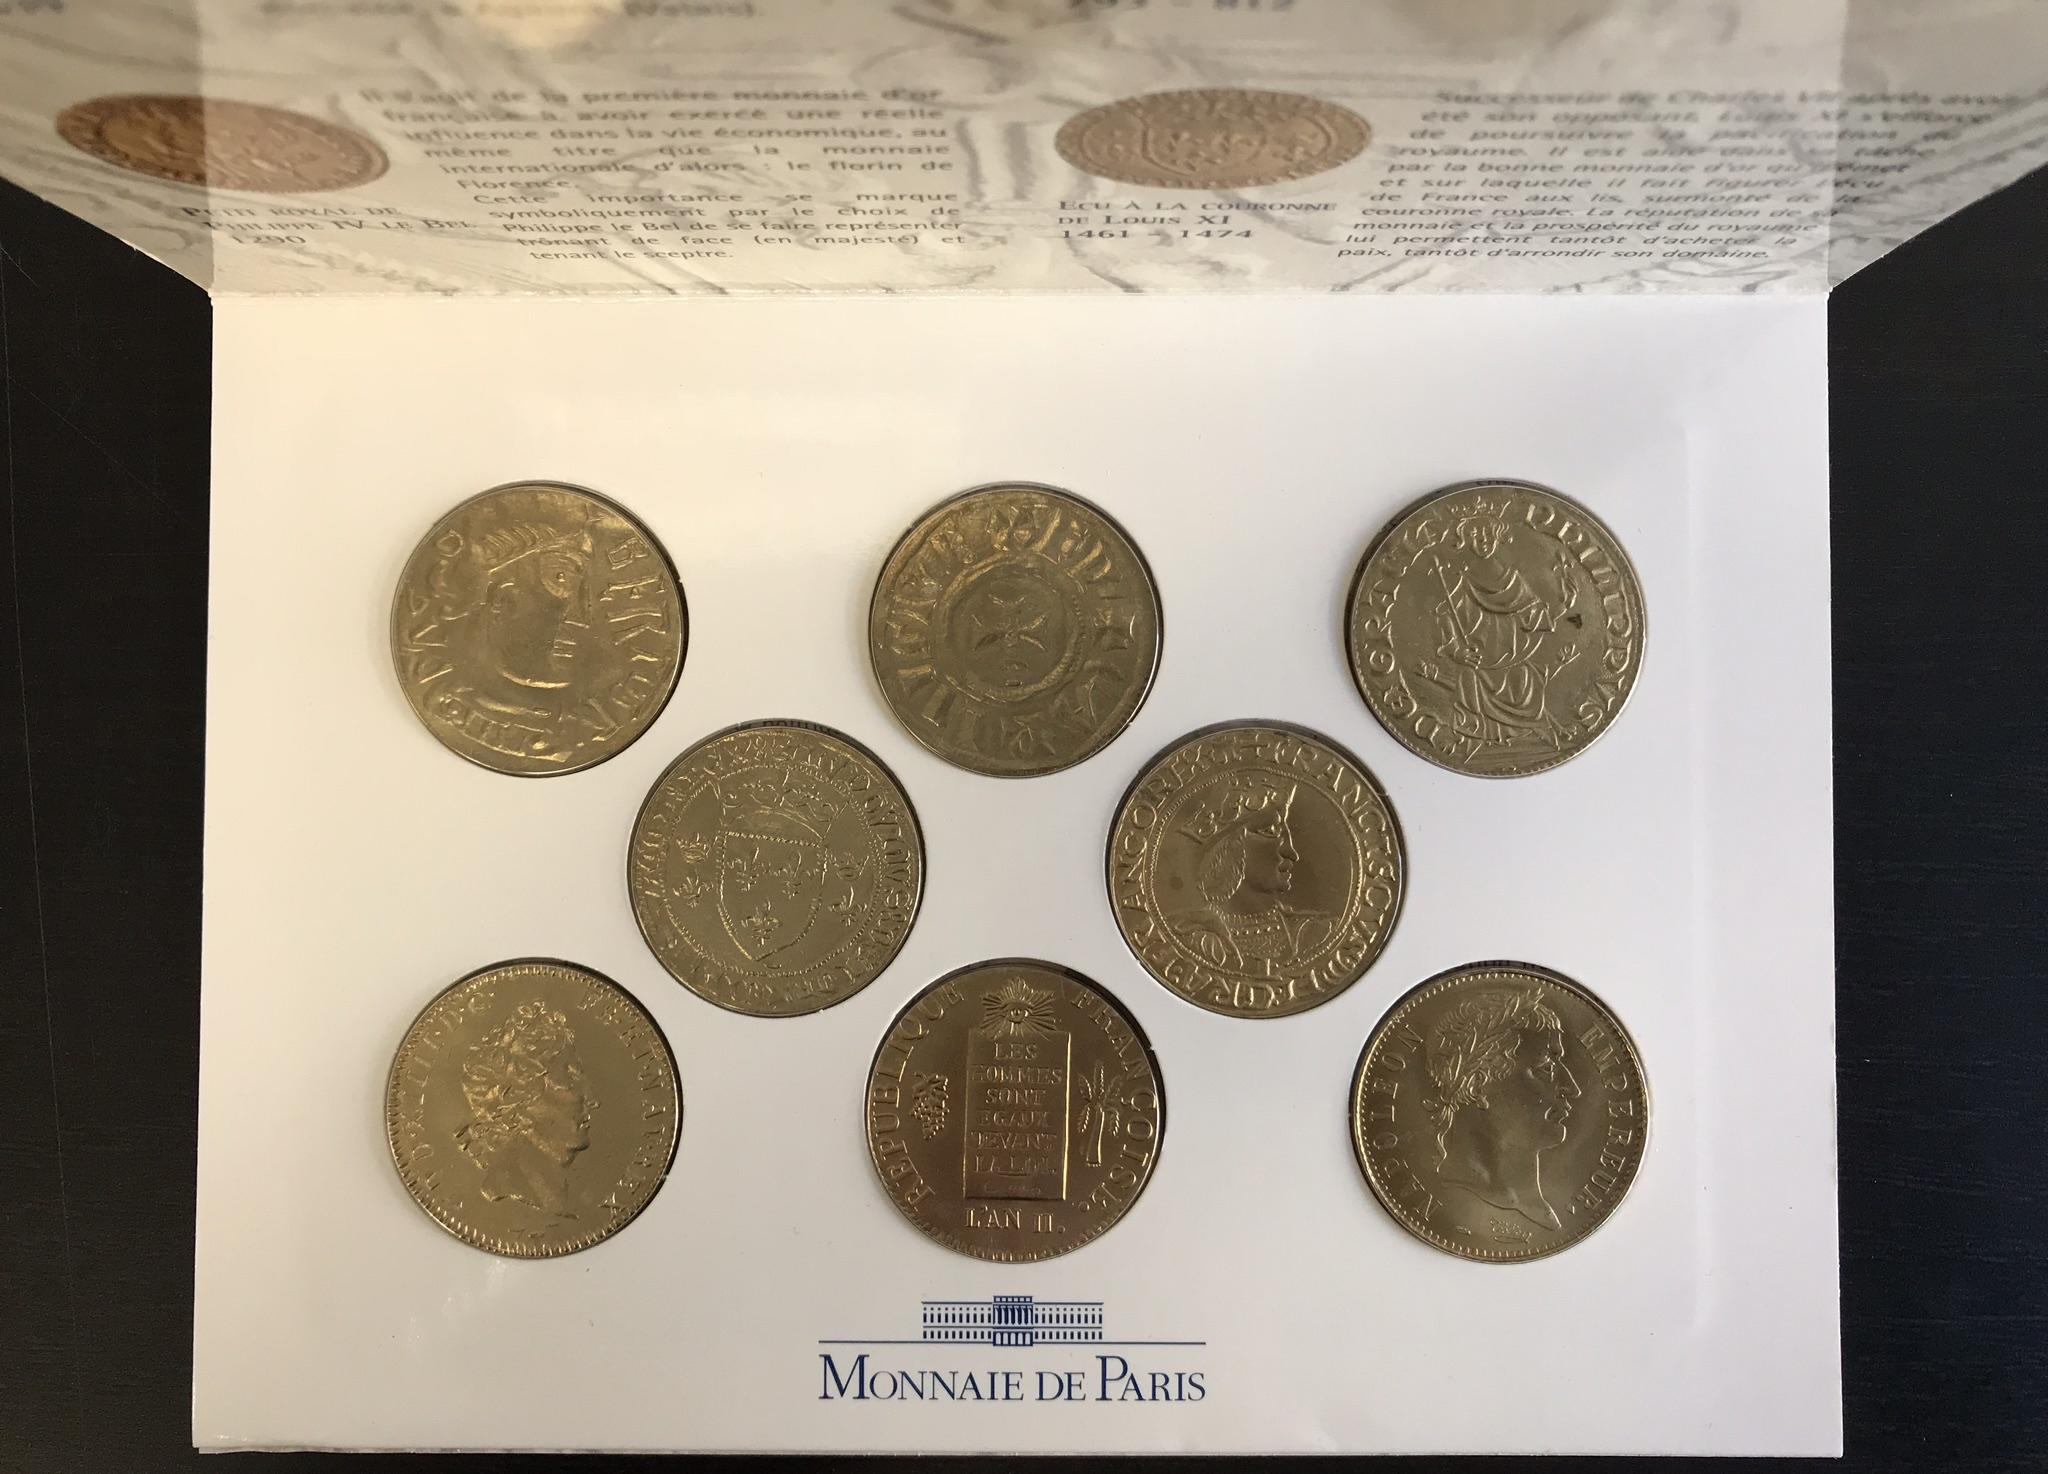 monnaie de paris une histoire de monnaies francaises